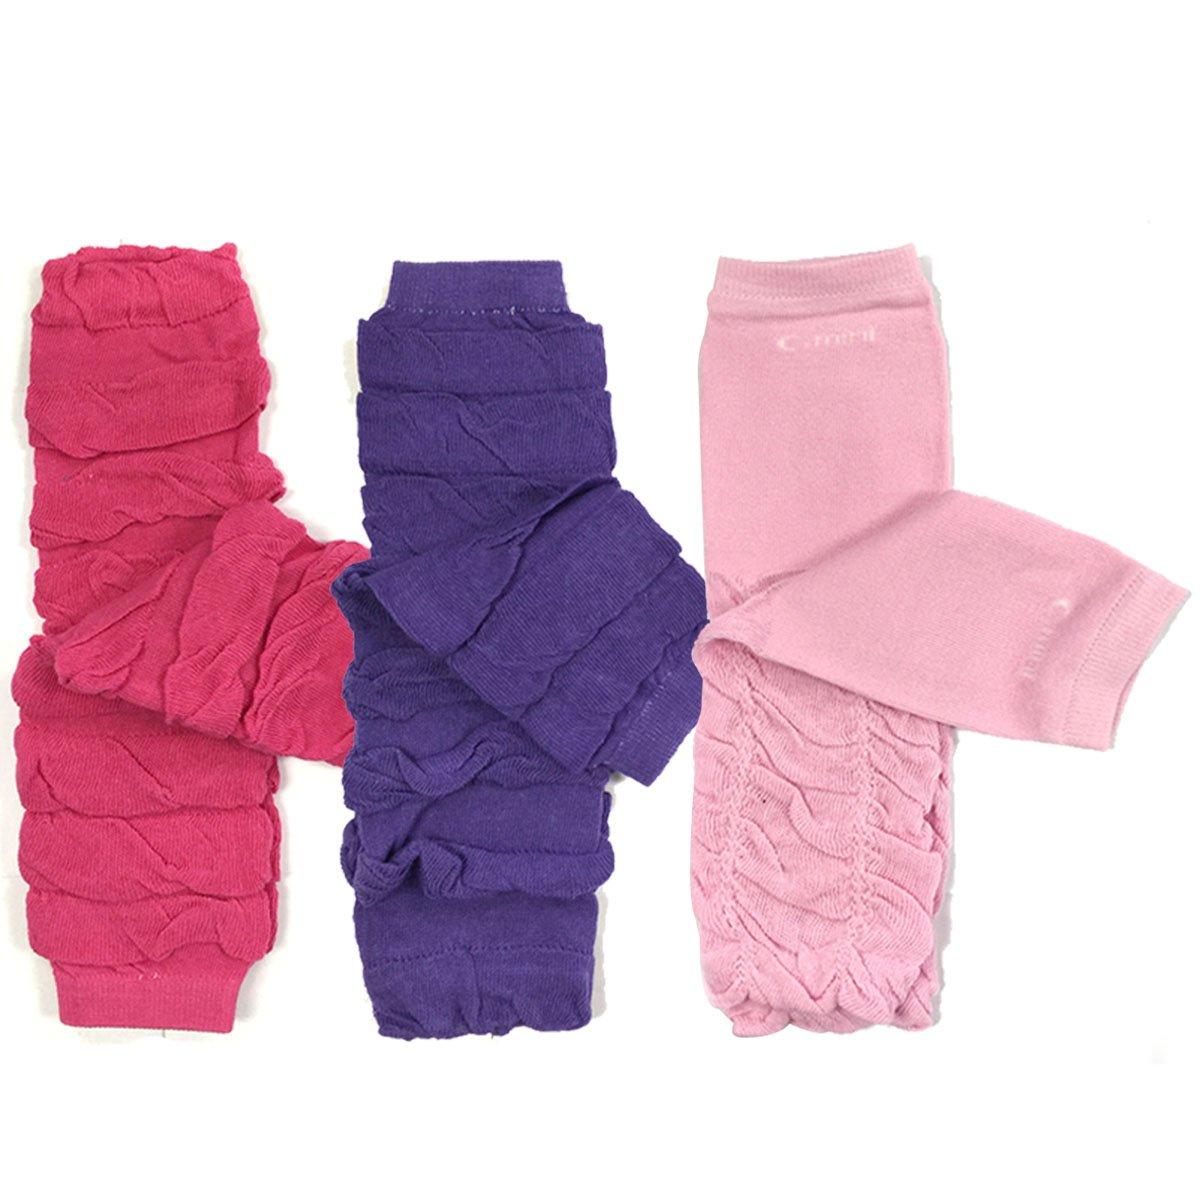 Bowbear Little Girls 3 Pair Gathered Ruffles Leg Warmers Lilac Ballet Pink Sky Blue B68821c_AFN